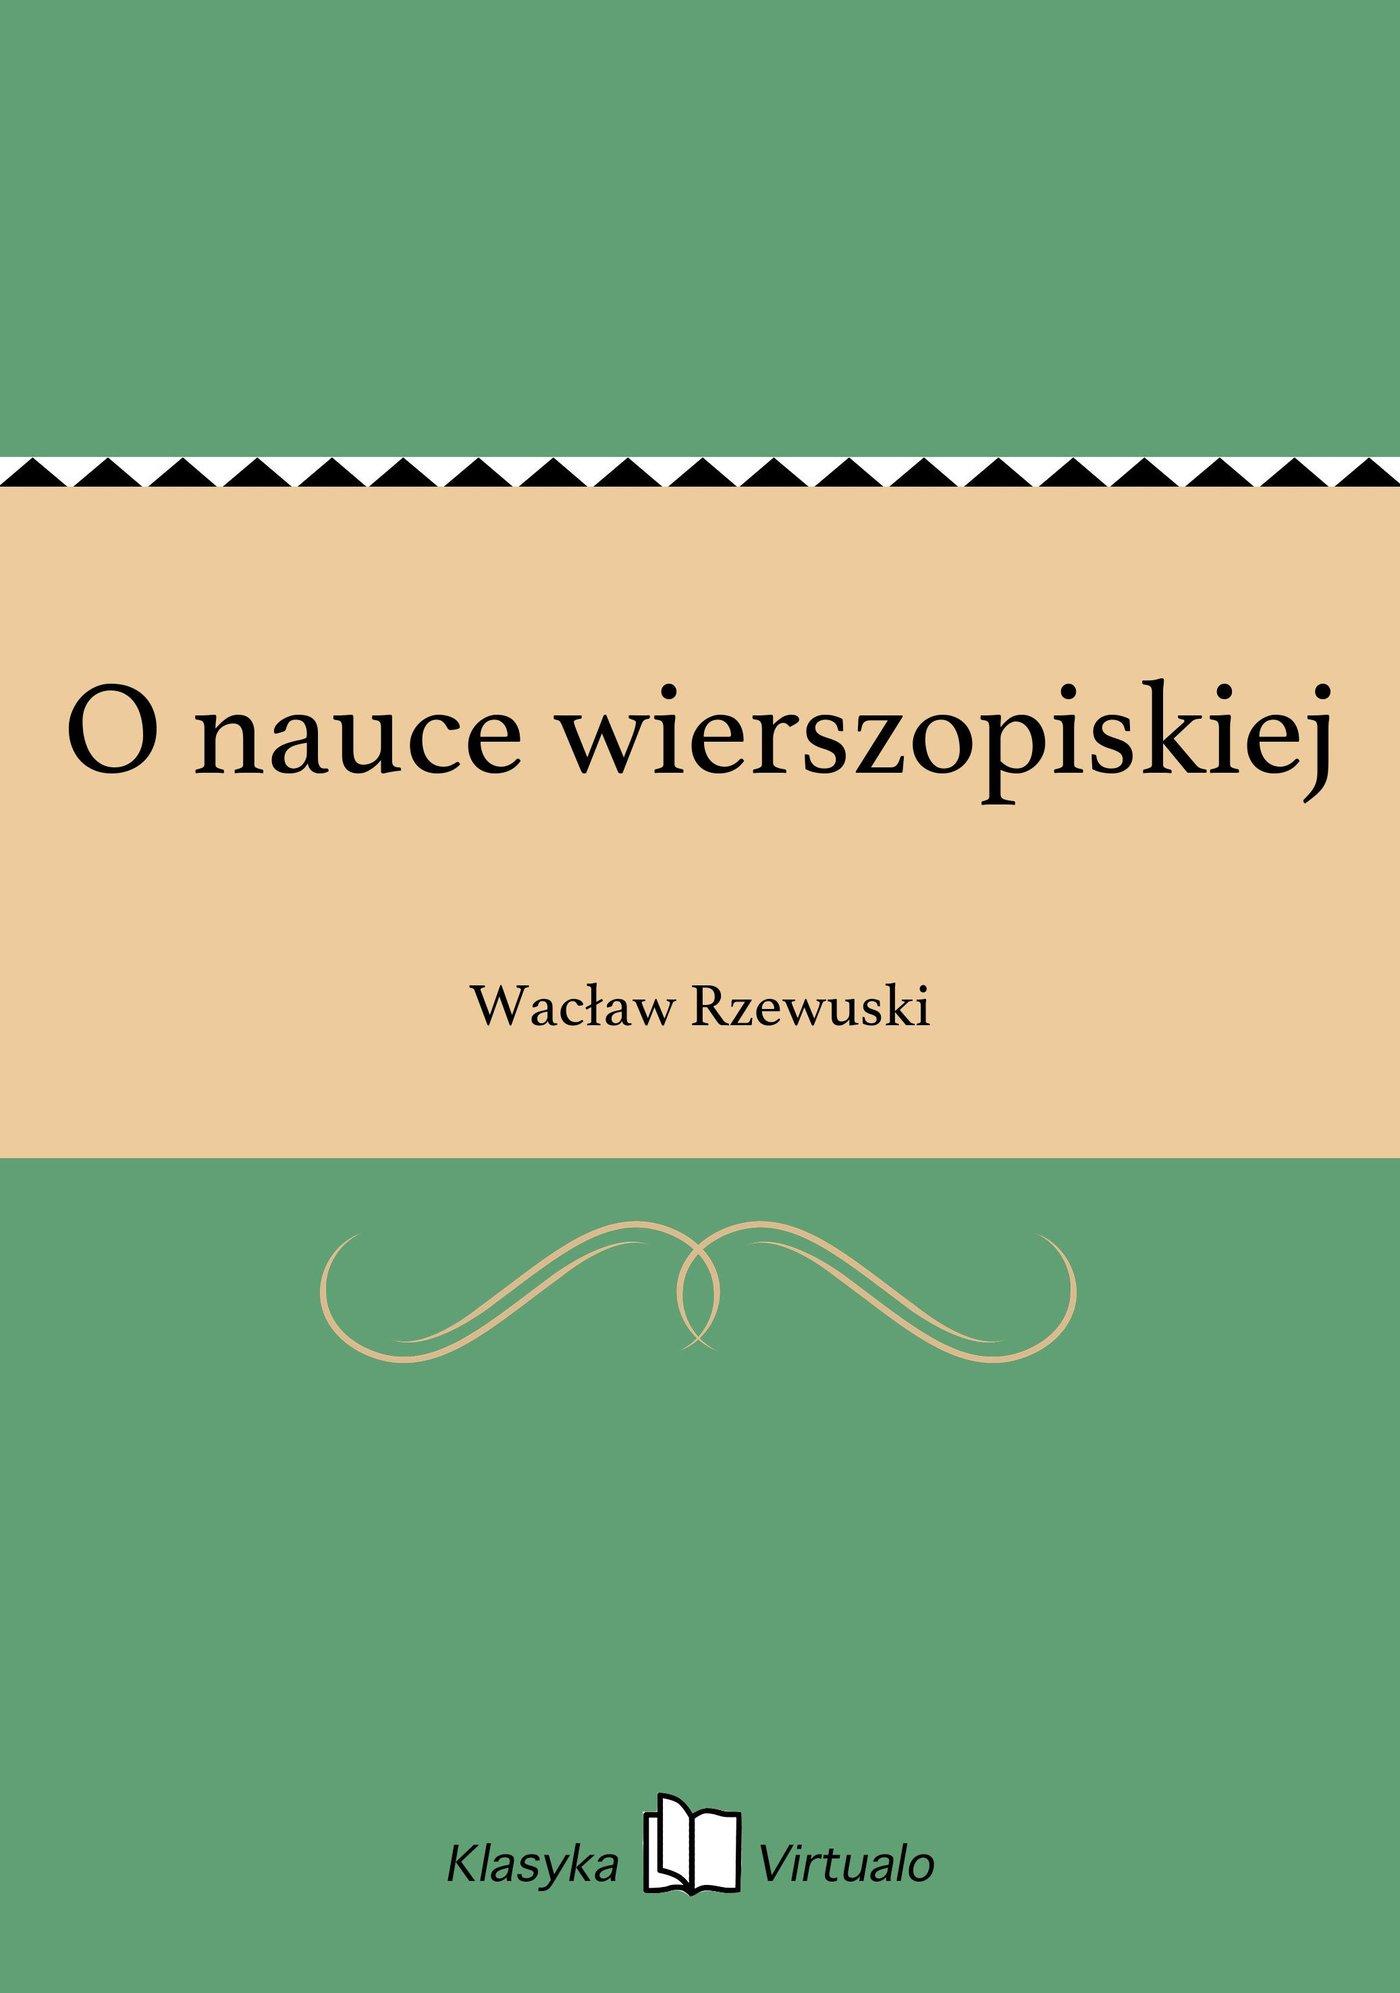 O nauce wierszopiskiej - Ebook (Książka EPUB) do pobrania w formacie EPUB